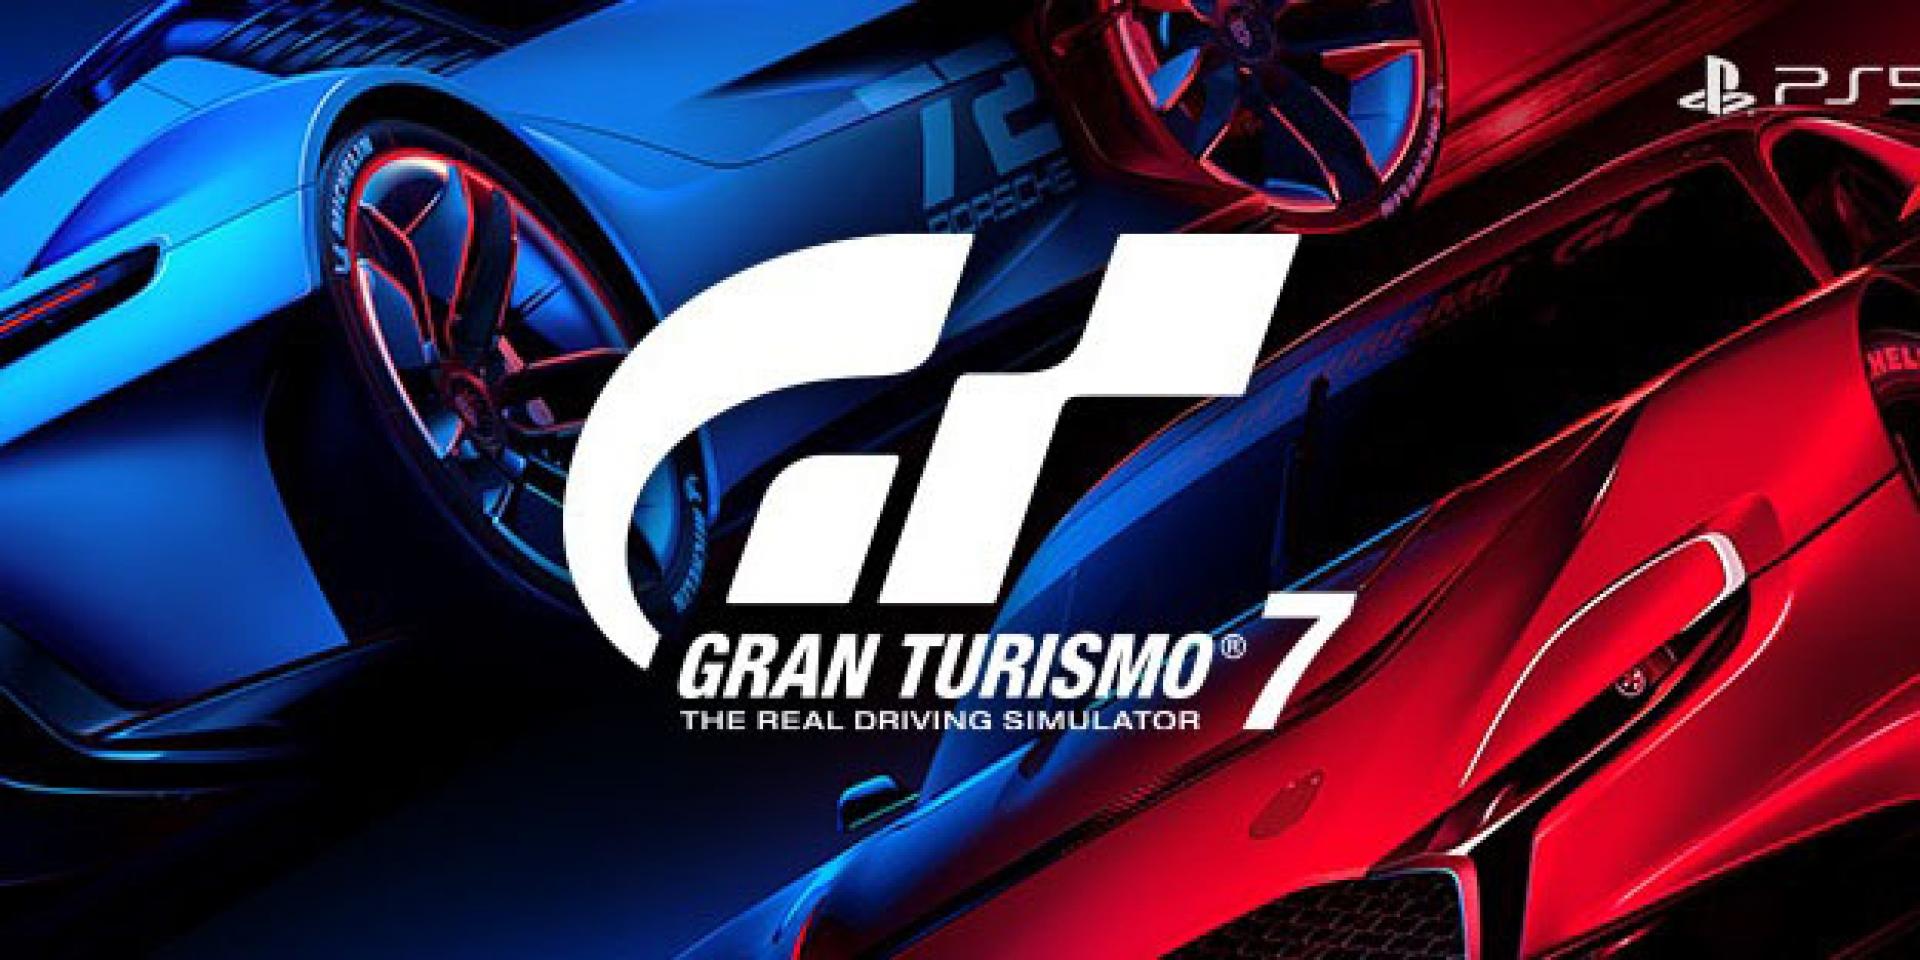 搖桿車手就位!Gran Turismo 7 2022年3月發售